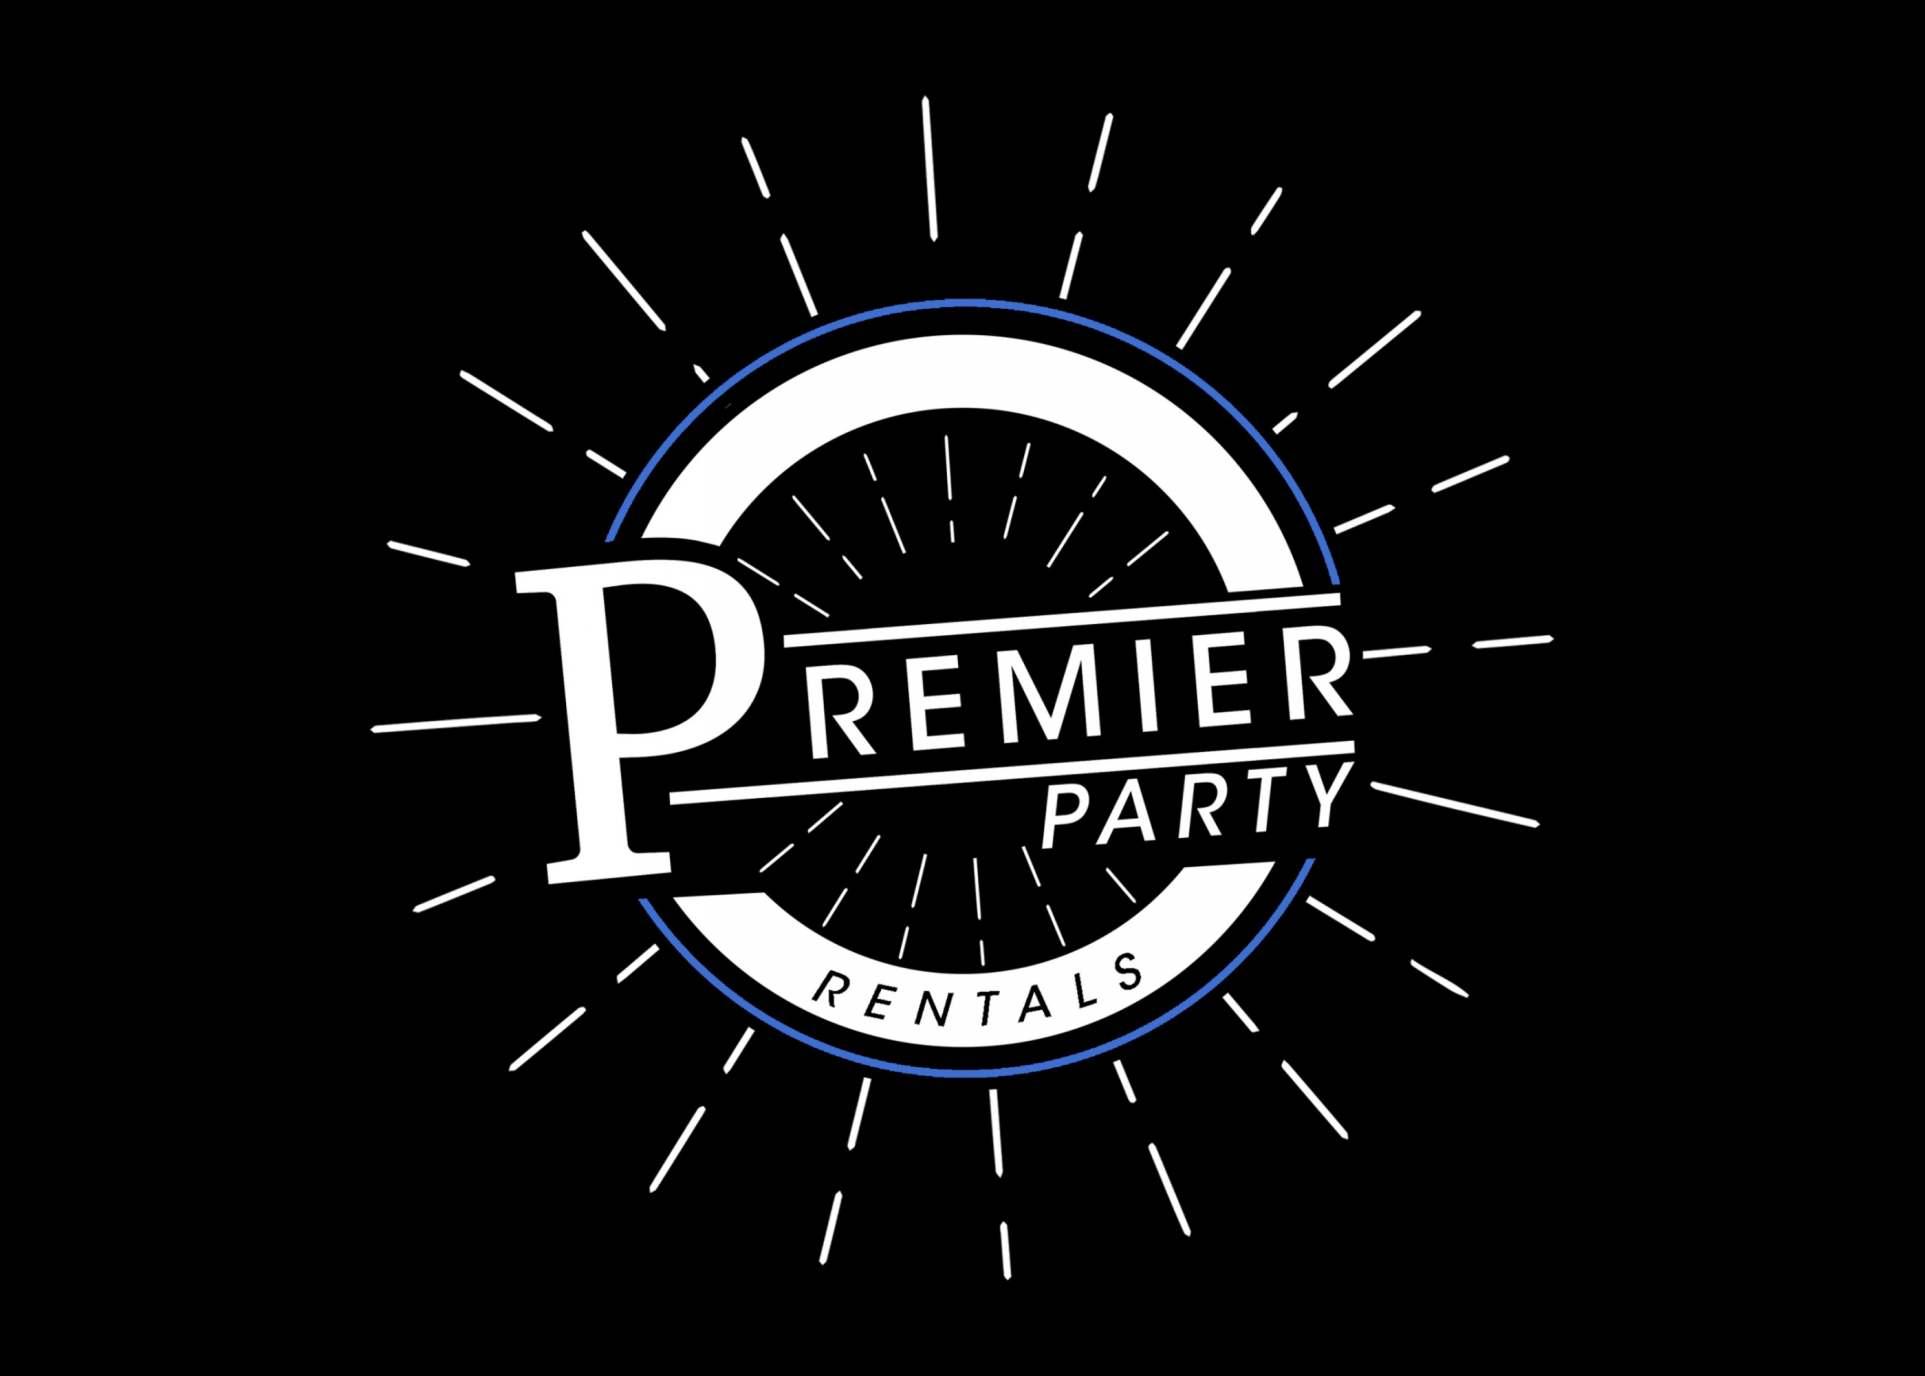 Premier Party Rentals Logo